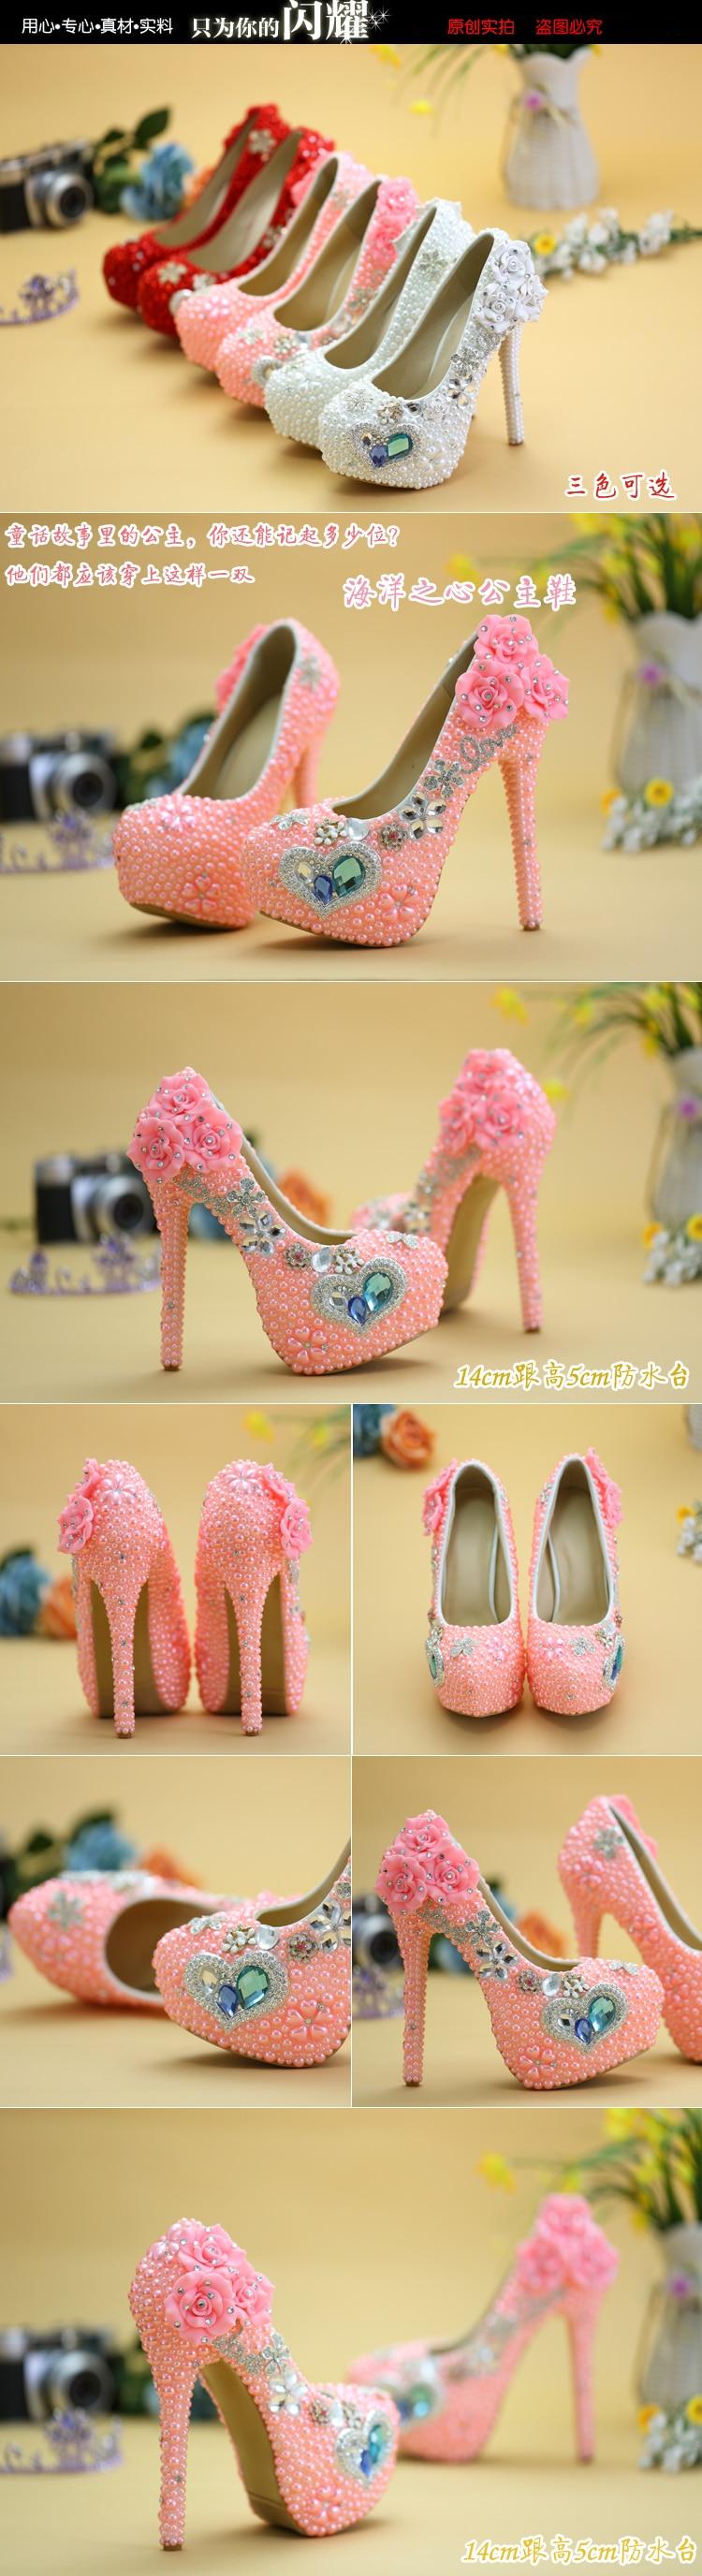 Blue gem pink pearl High heeled Shoes Wedding Formal Dress Banquet ... 44a0cb83459e